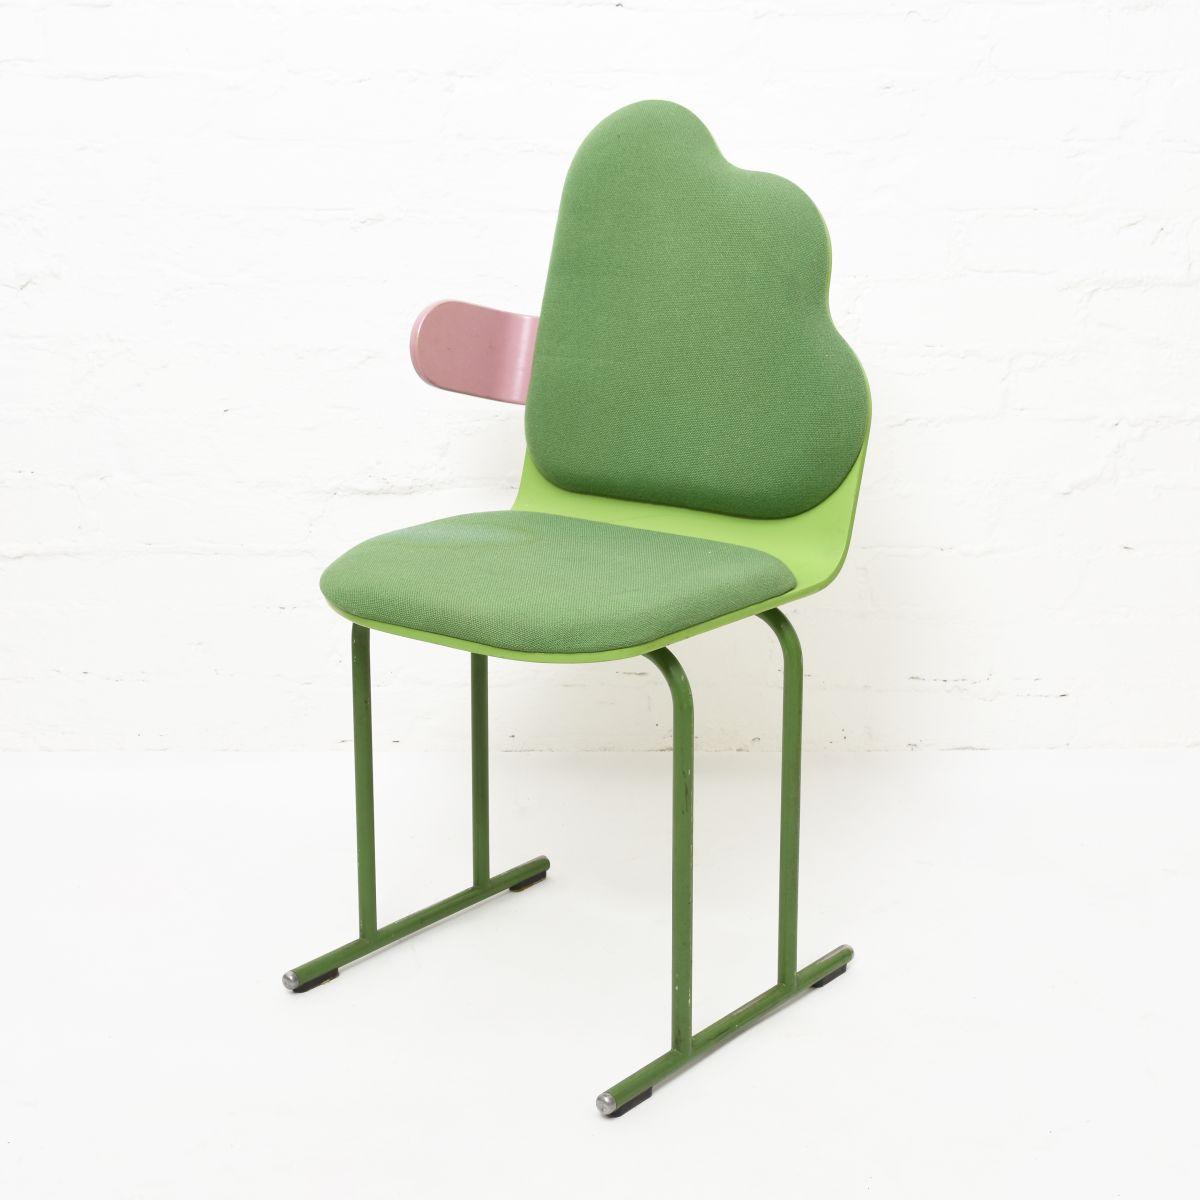 Kukkapuro-Yrjö-Cloud-Side-Chair-Postmodern